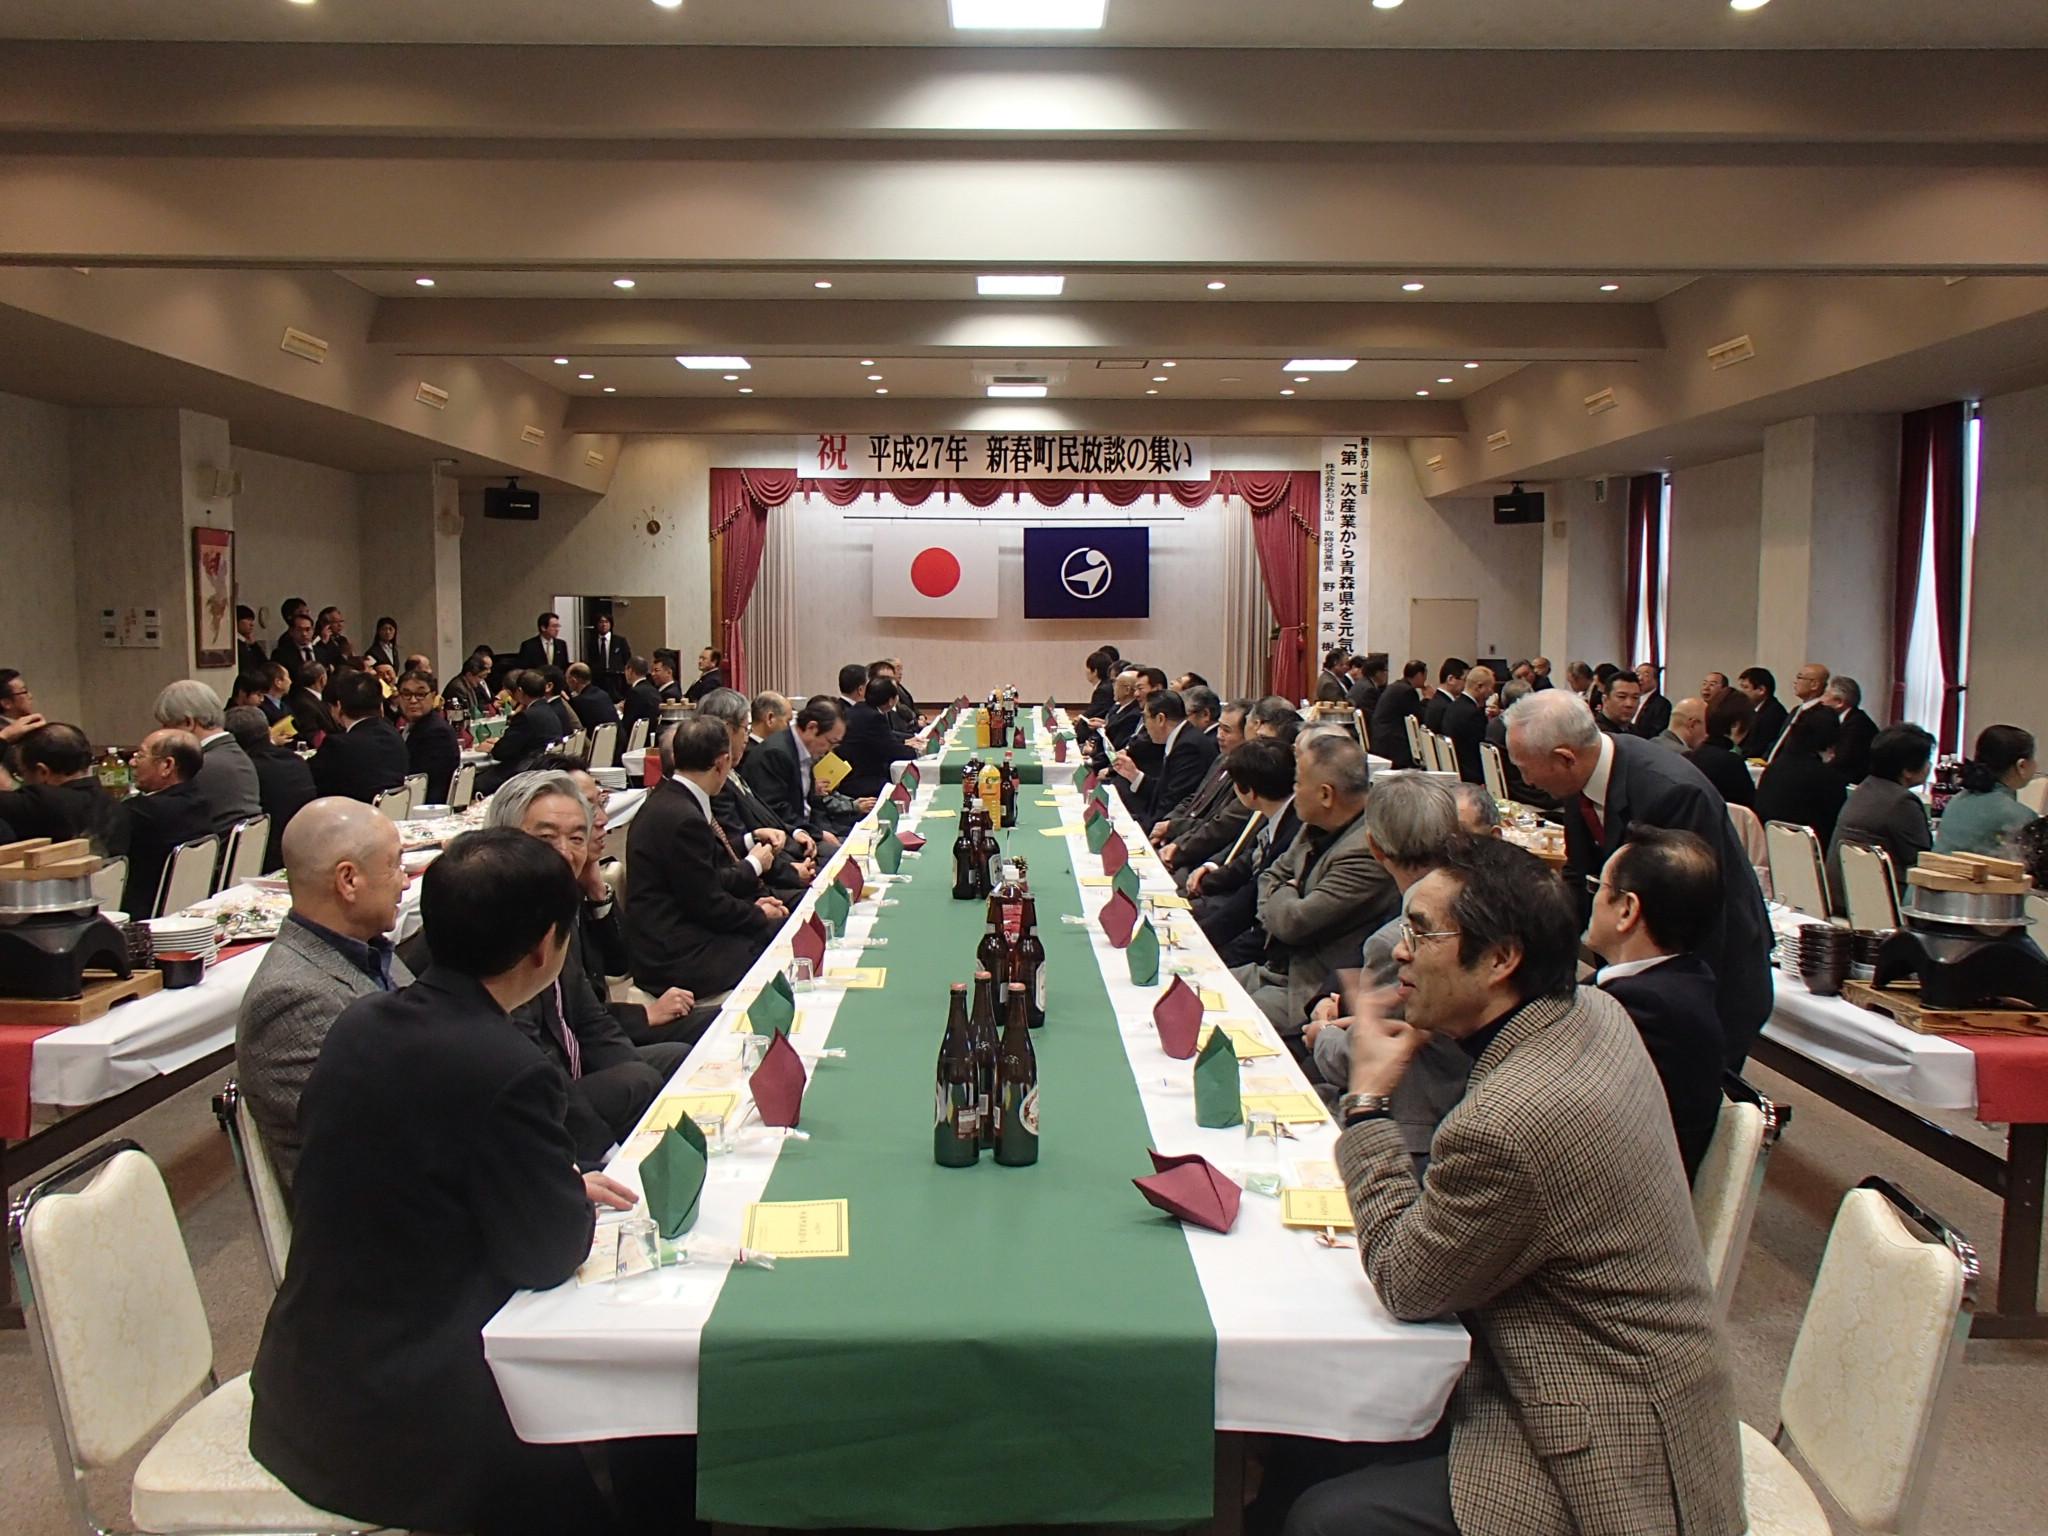 青森県深浦町・新春町民放談の集い 会場の様子